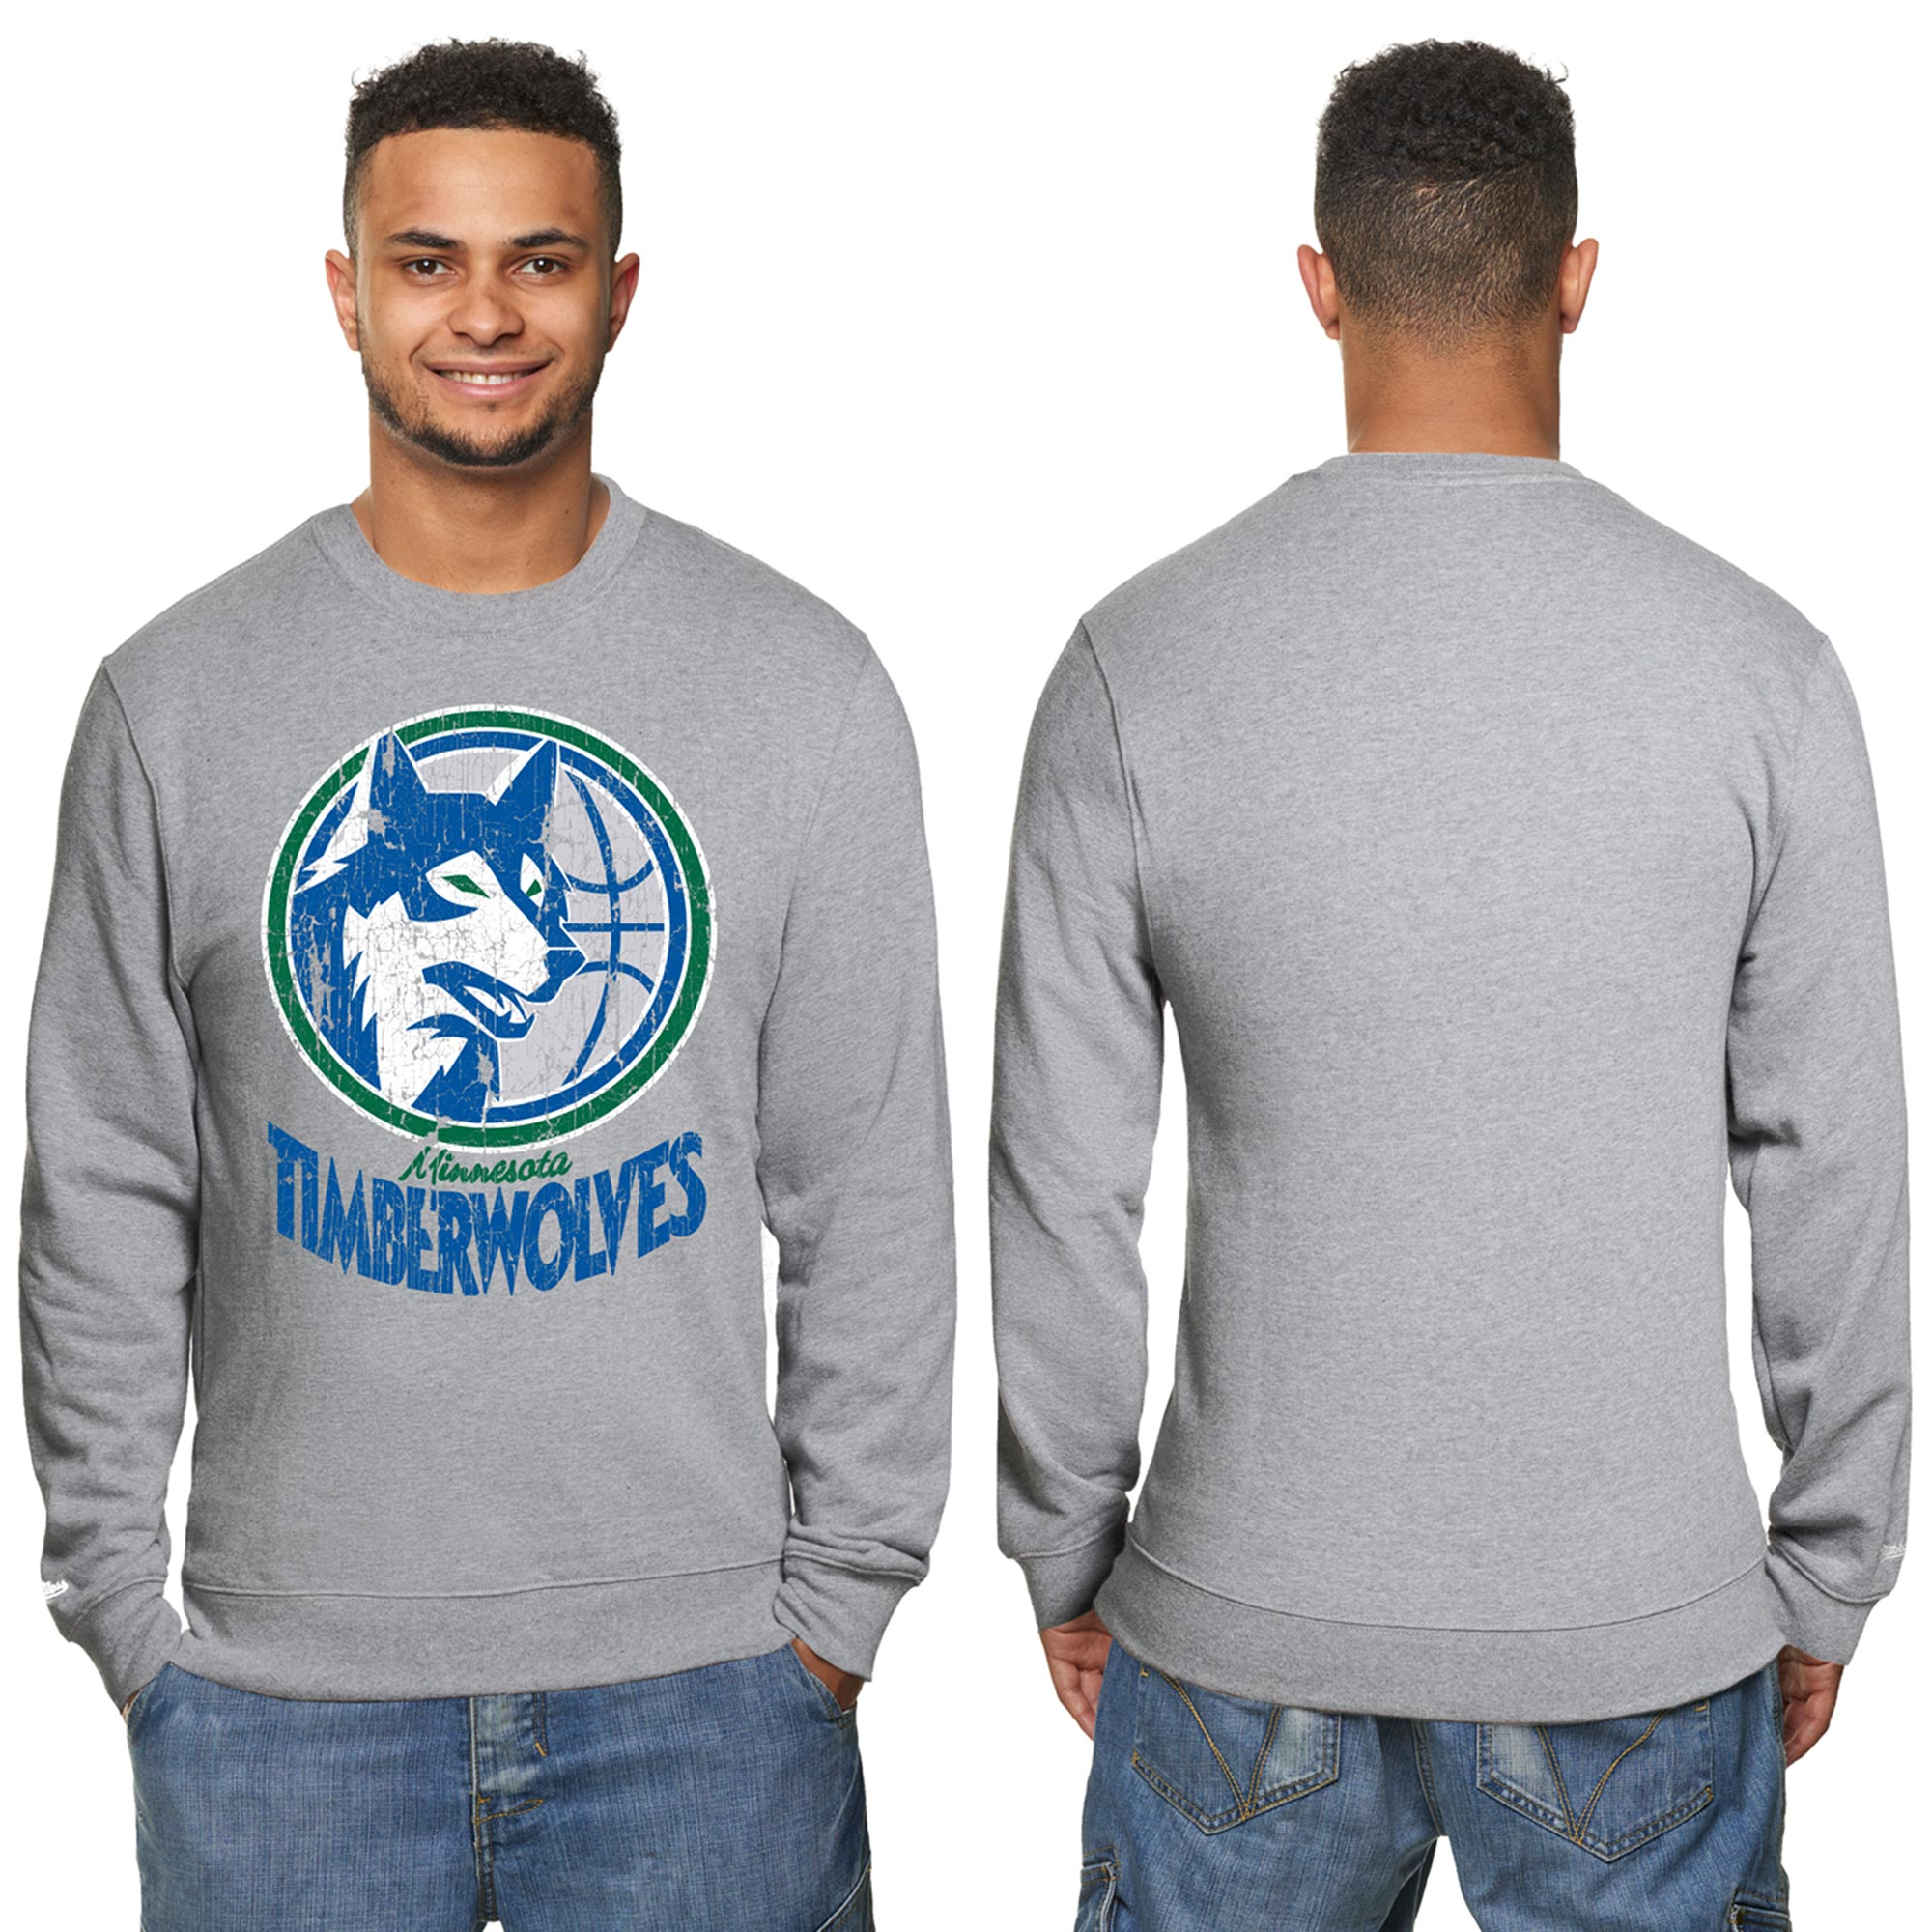 Sudadera con cuello redondo Hardwood Classics de los Minnesota Timberwolves con efecto desgastado para hombre